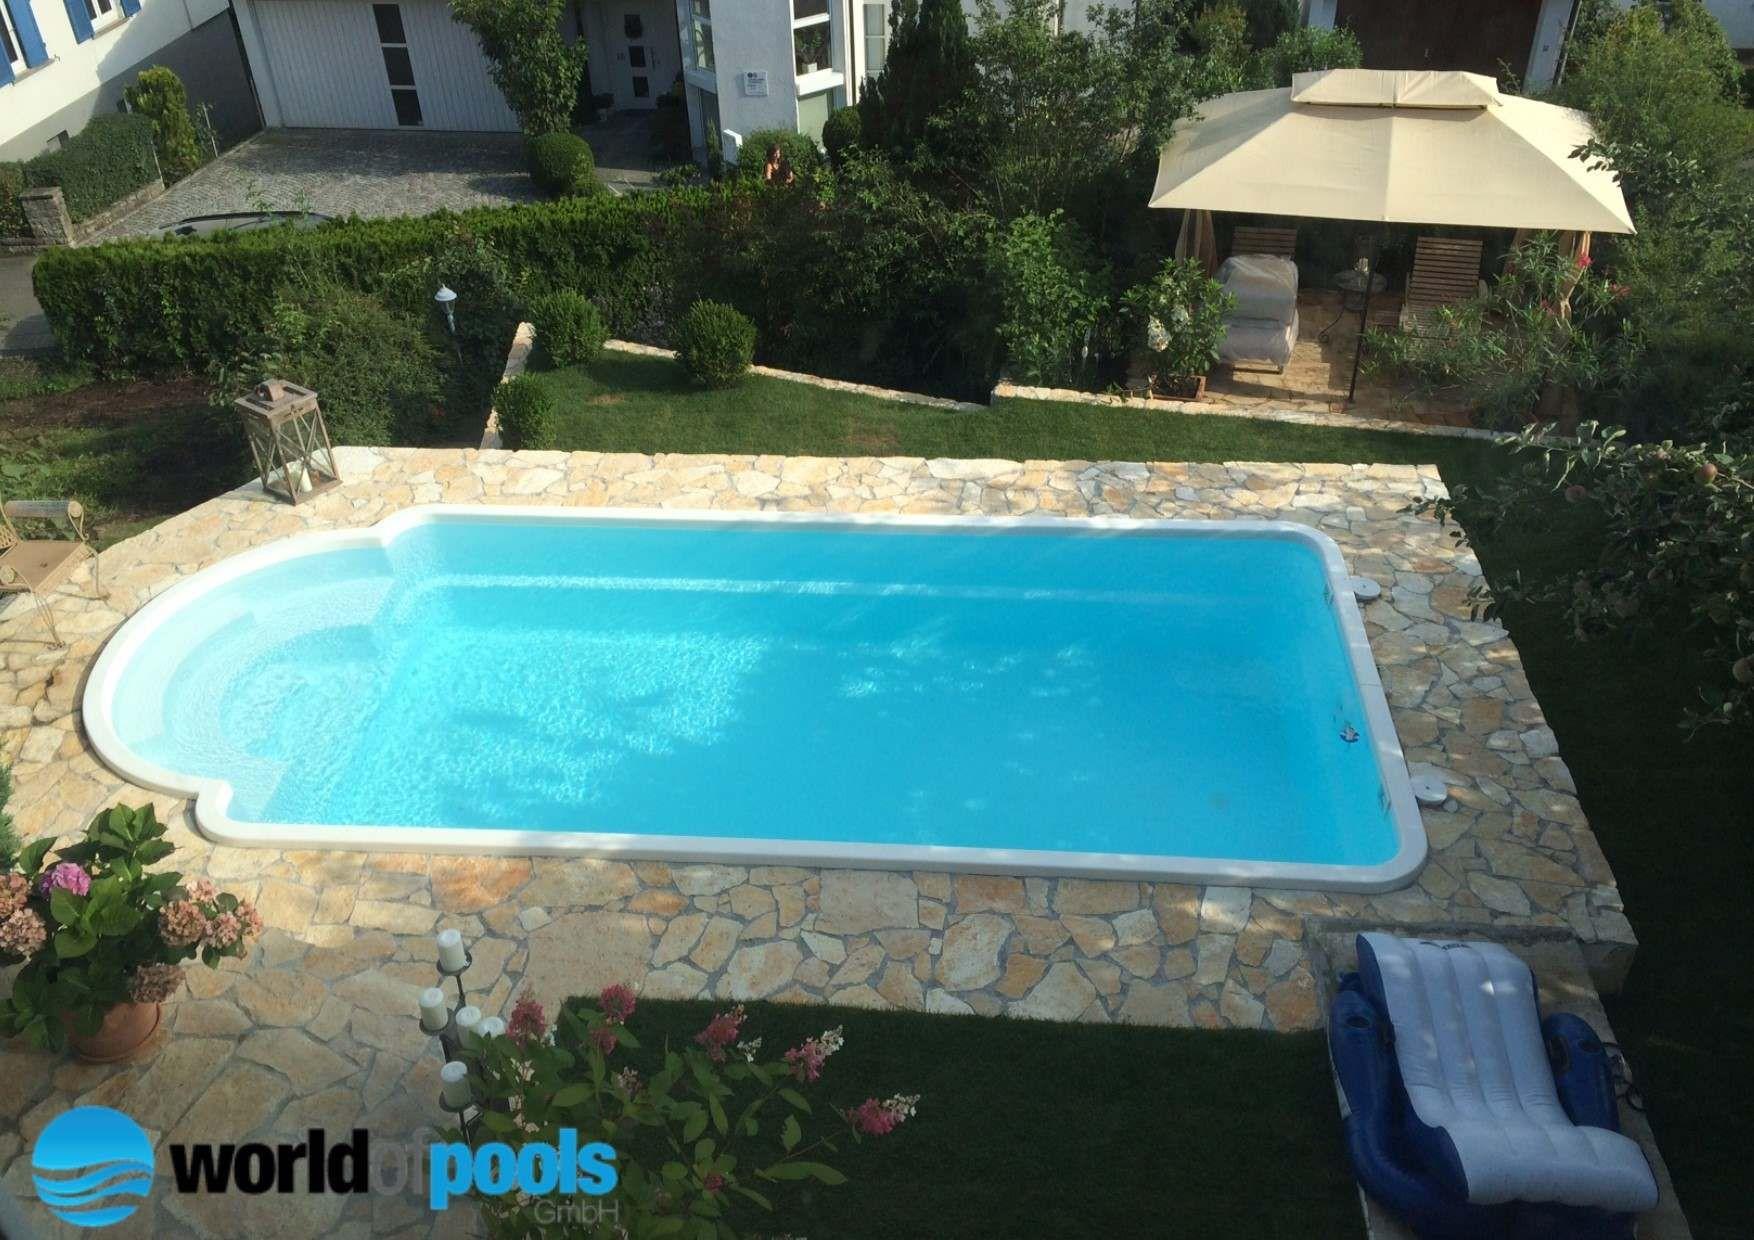 World Of Pools Gfk Schwimmbecken Gmbh Pools Fur Garten Inspiration Von Pool Garten Kaufen Garten Kaufen Schwimmbecken Feuerstelle Garten